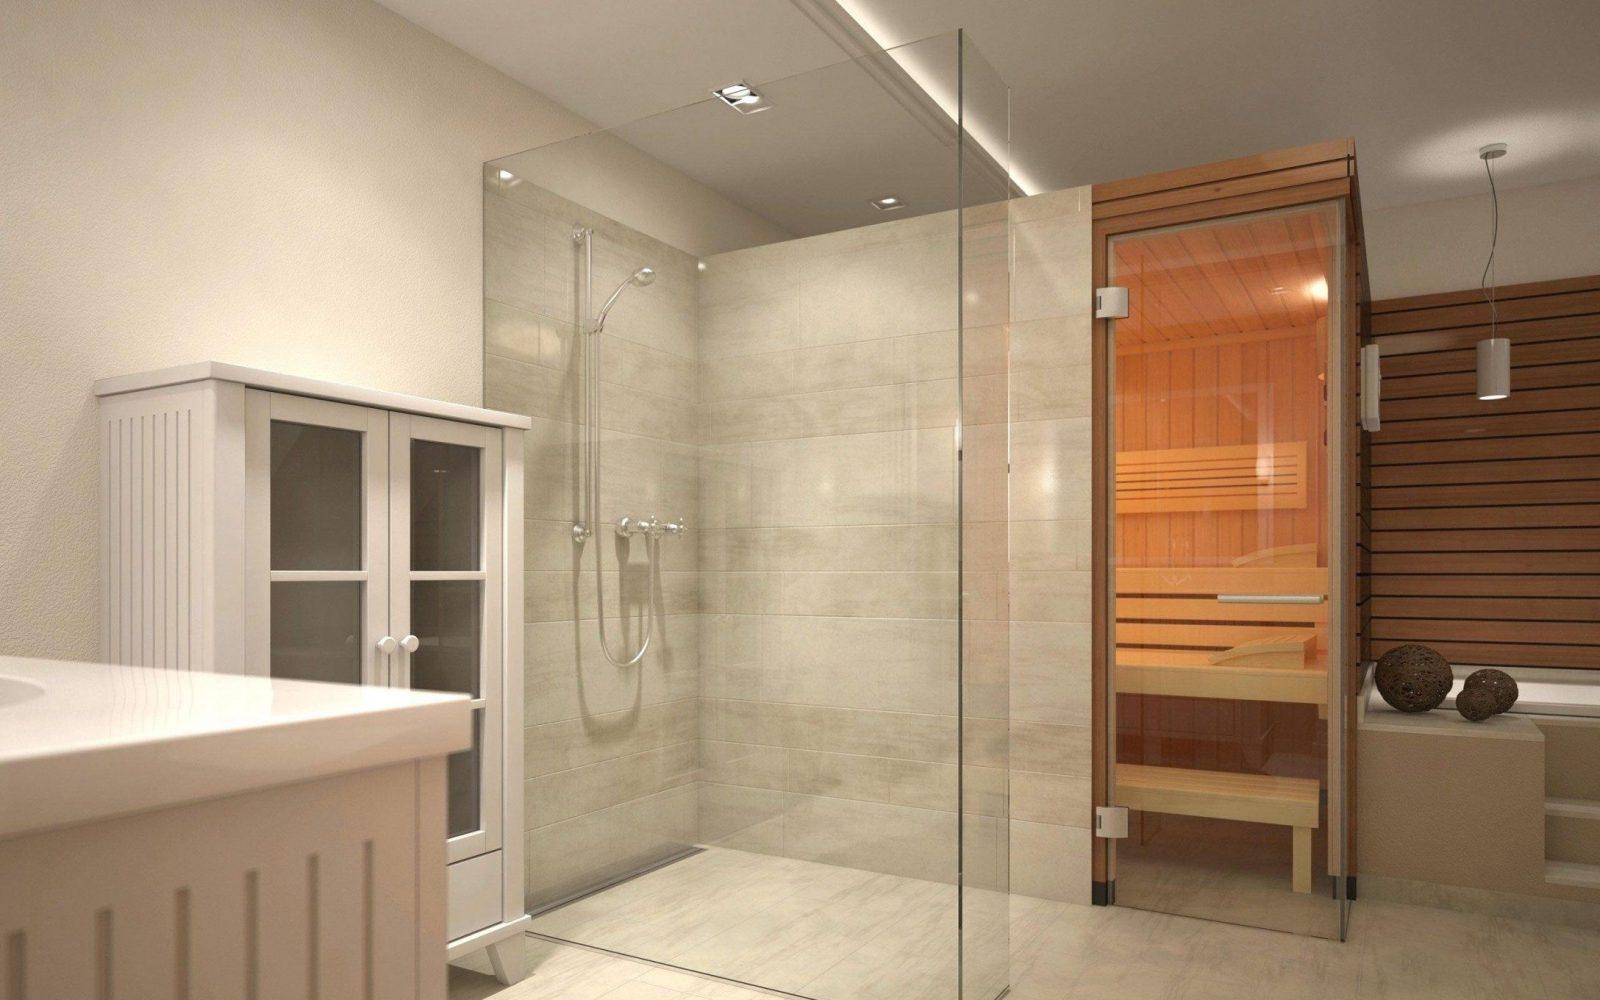 Sauna Im Keller Anzeige Abluft Einbauen Selber Bauen von Sauna Im Keller Bauen Bild